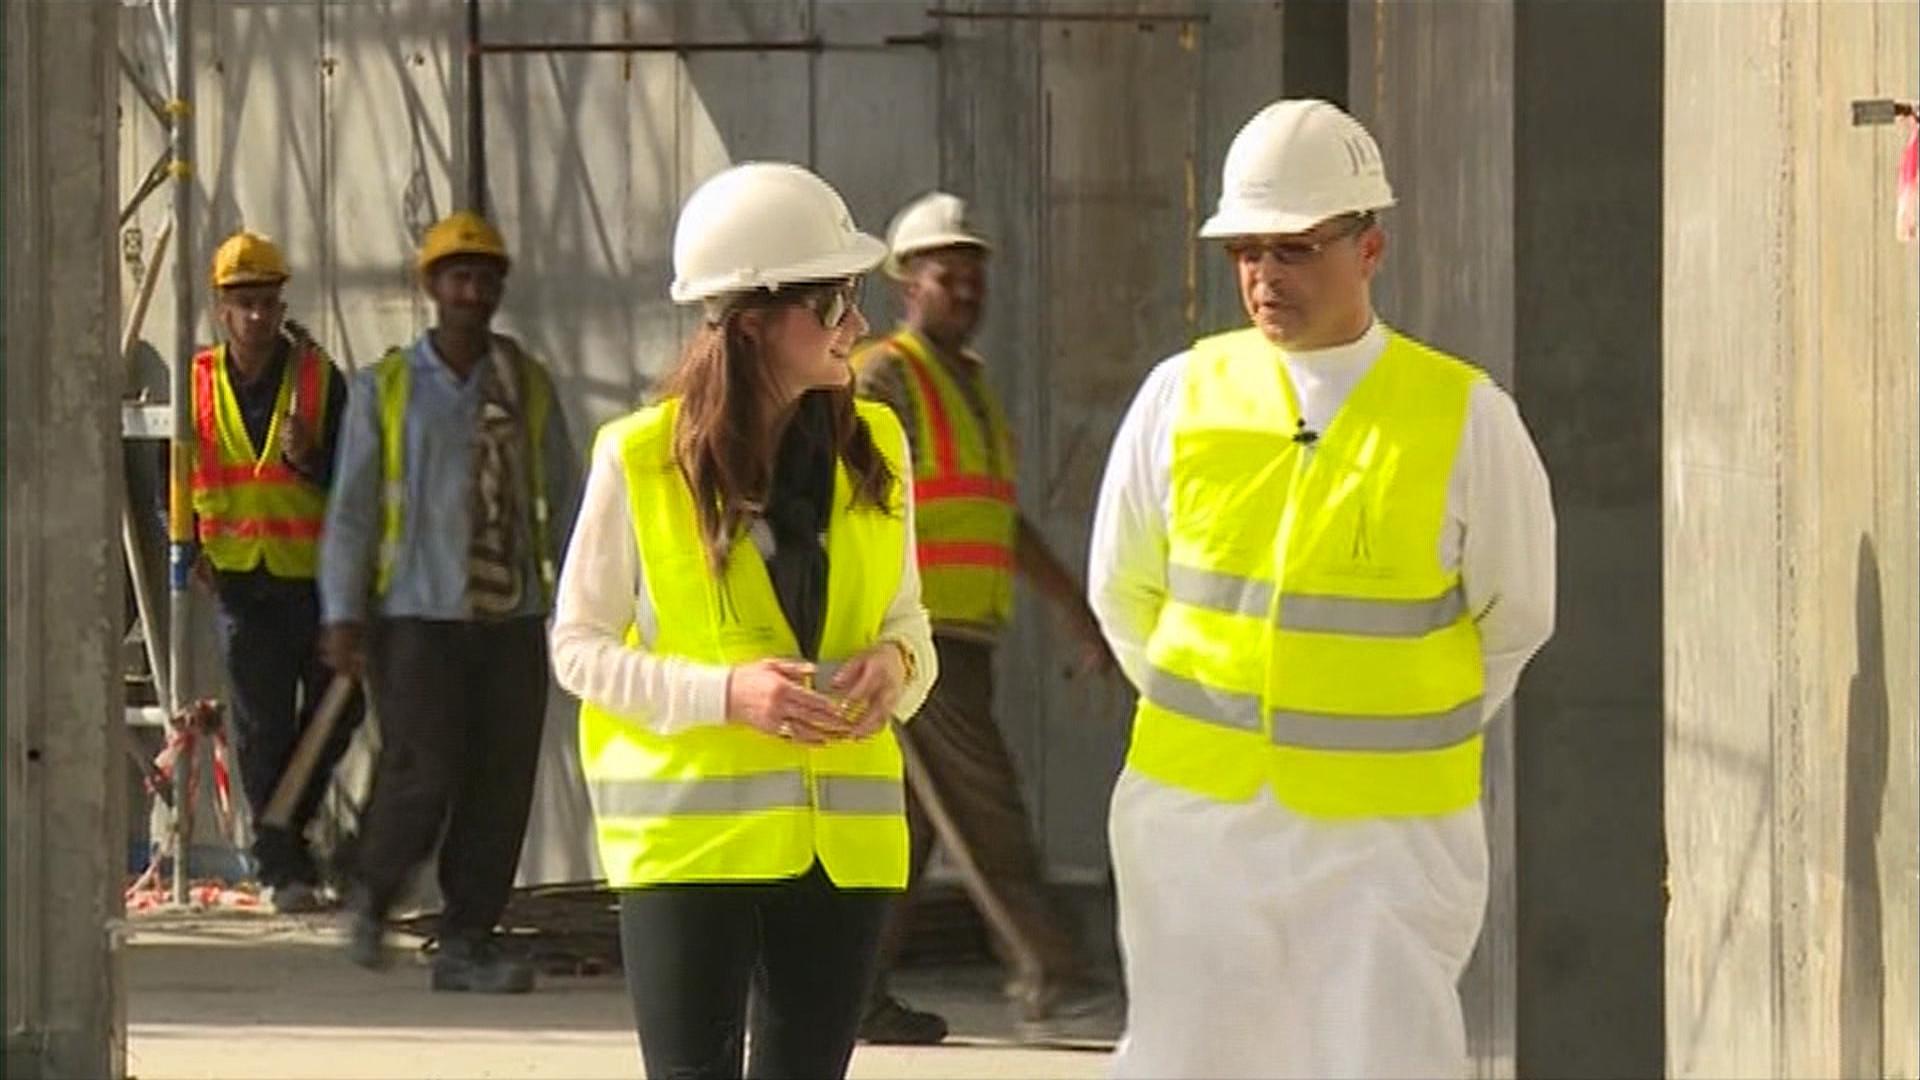 Saudi Prince plans to build $20 billion tower